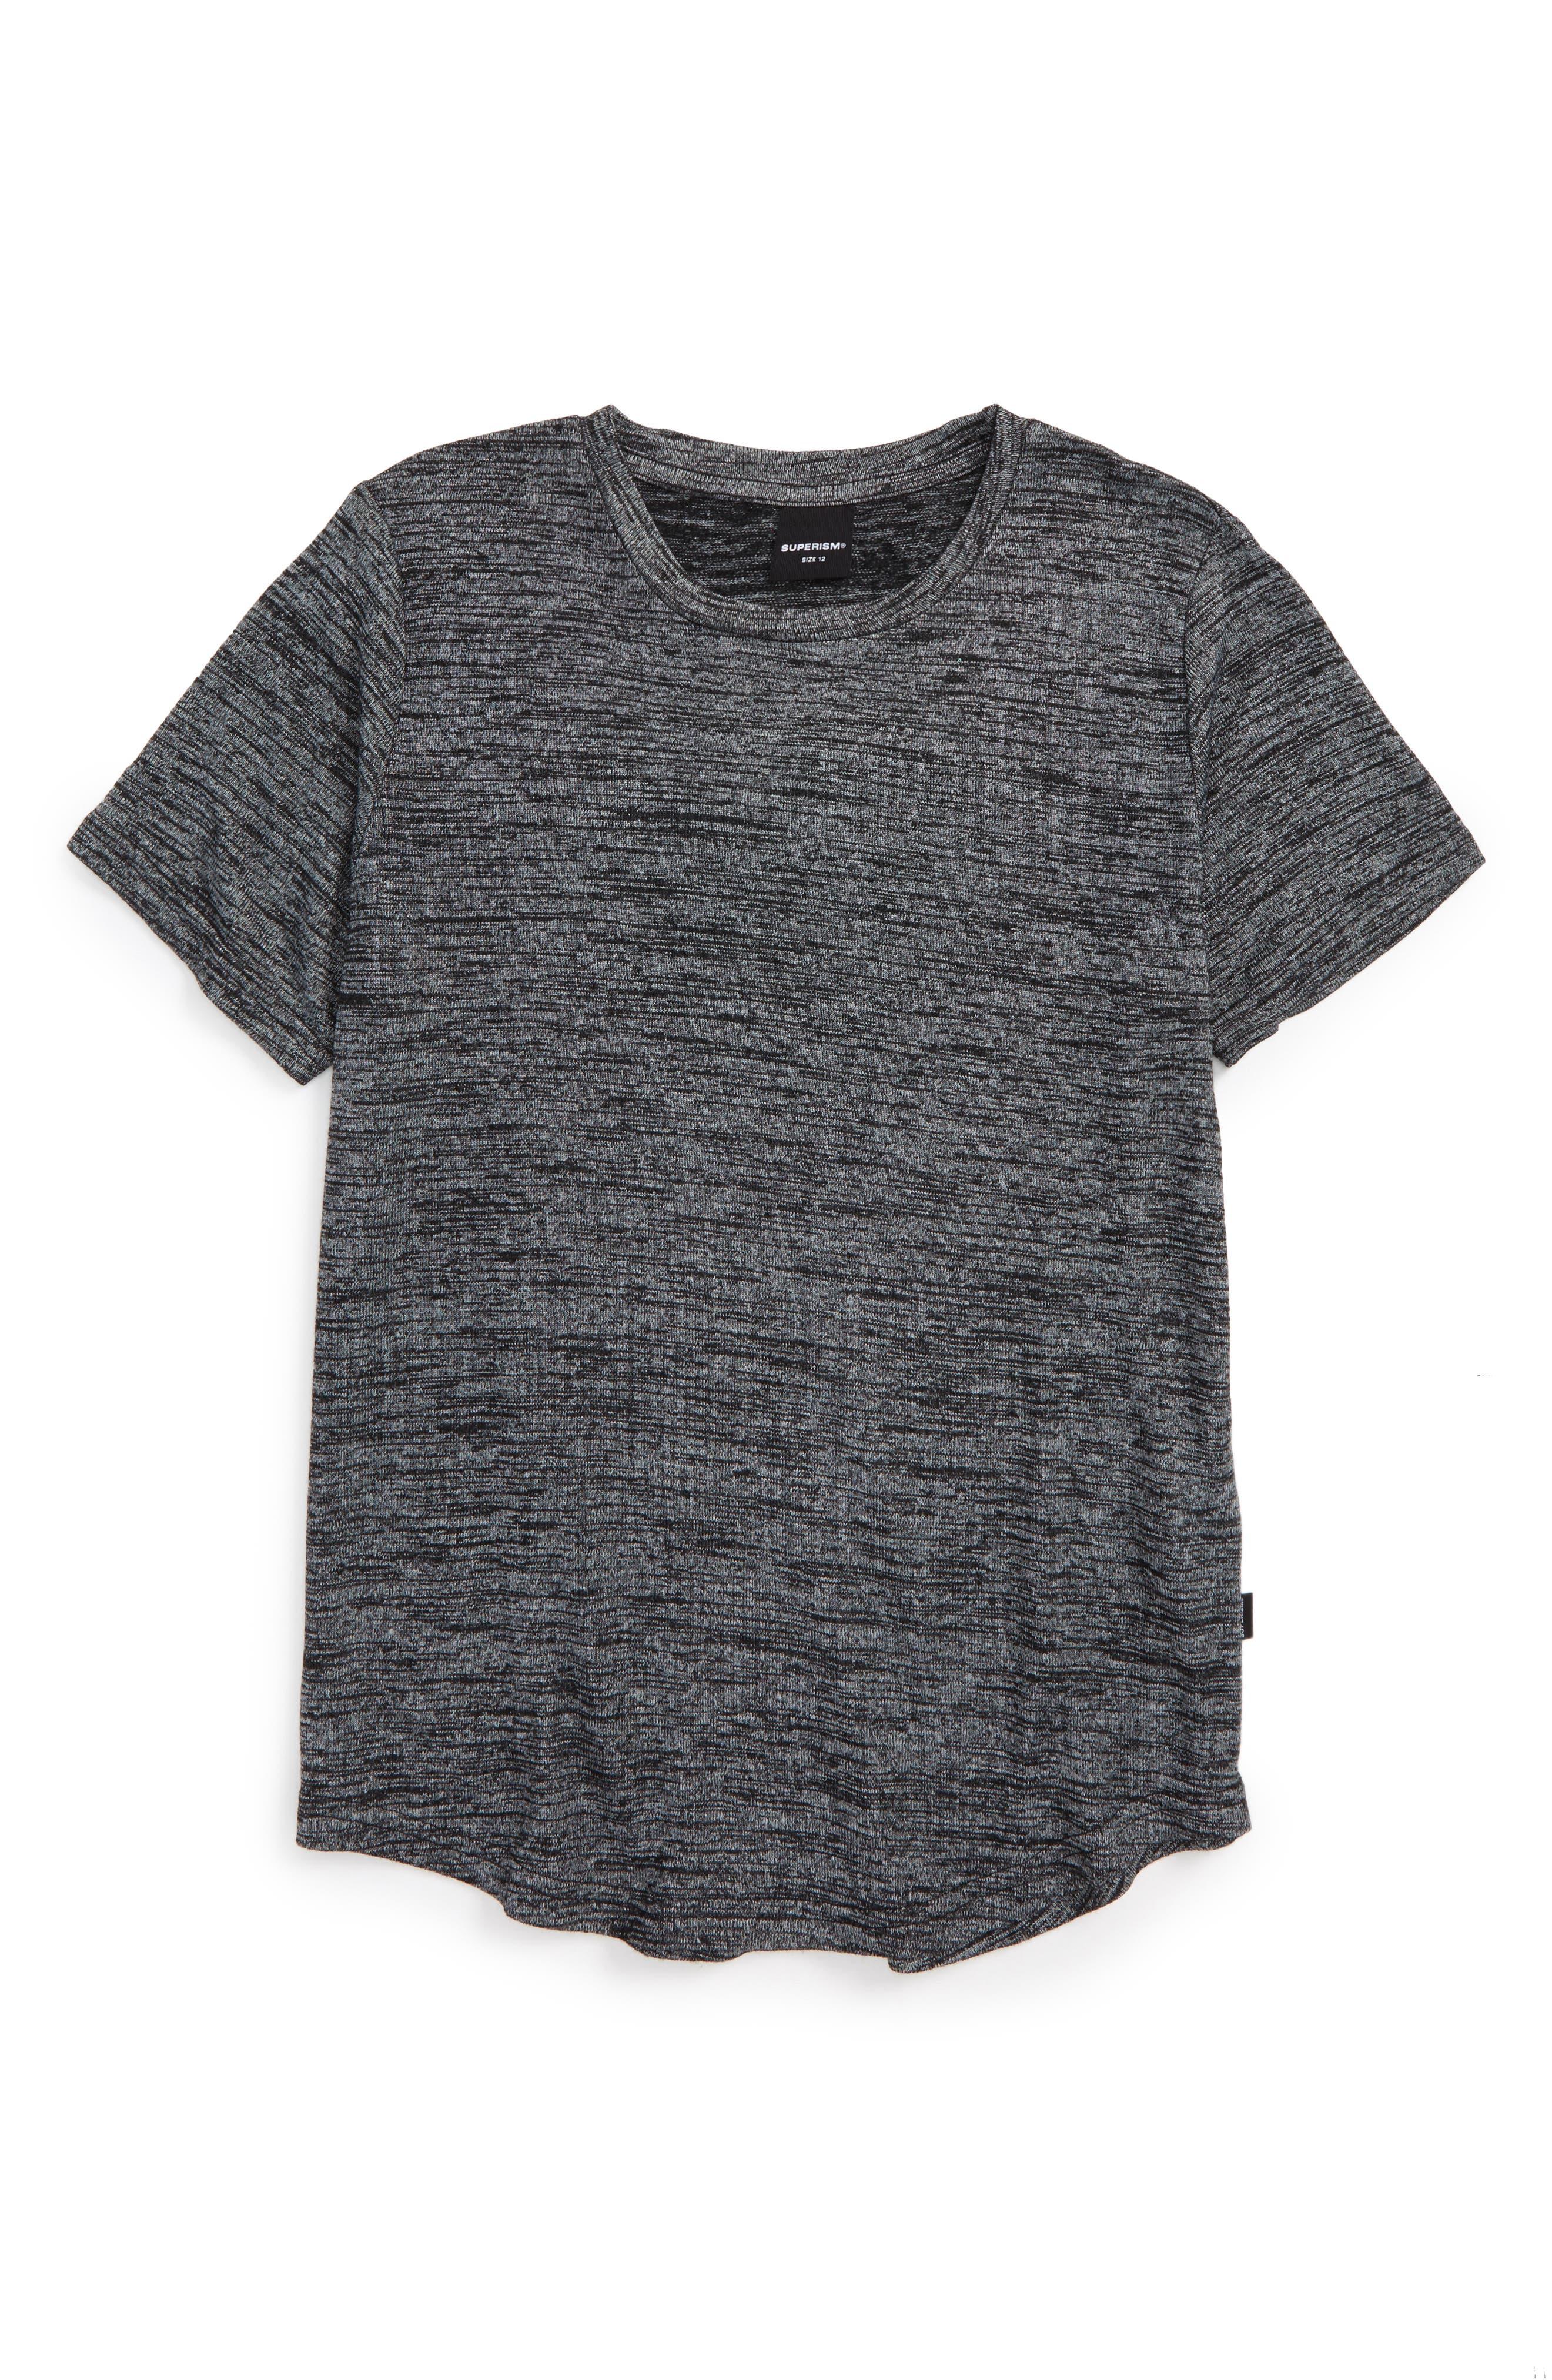 Main Image - Superism Landon Heathered T-Shirt (Big Boys)